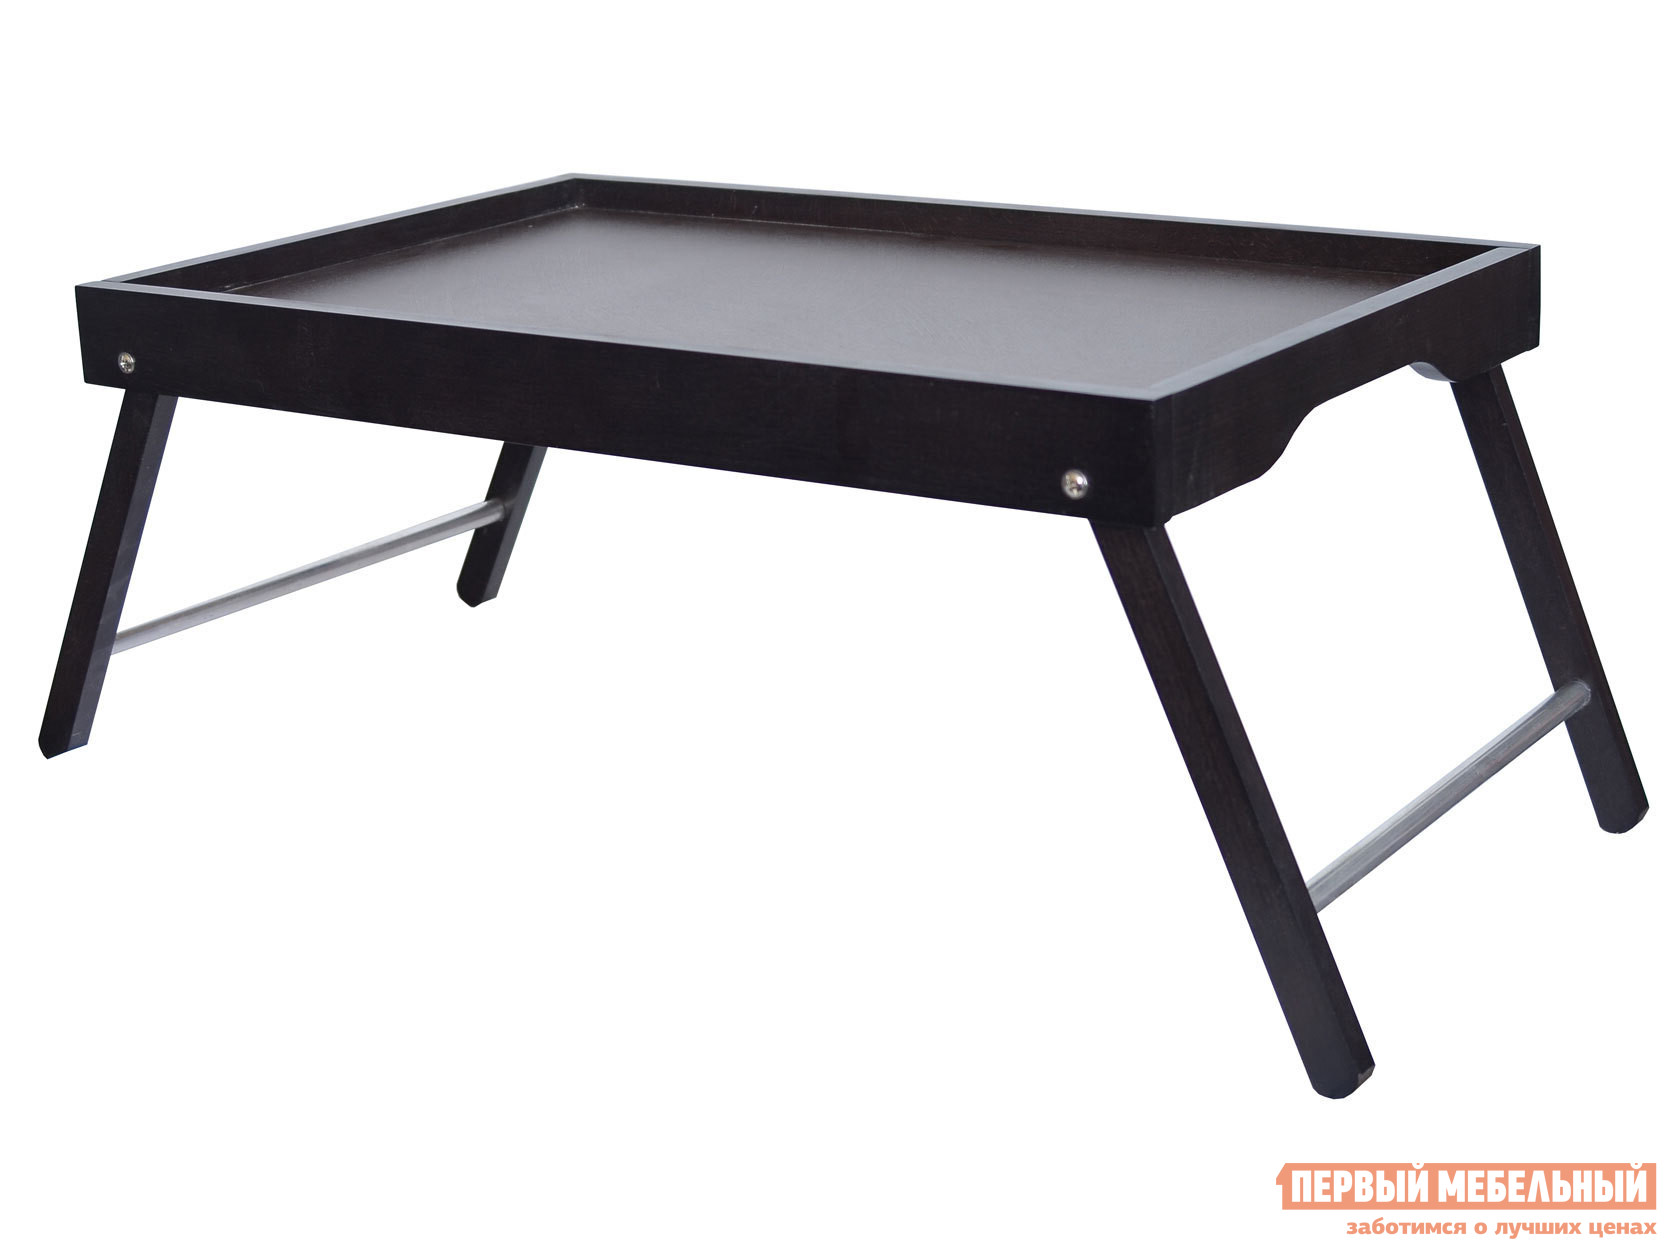 Столик-поднос Мебелик Столик-поднос Селена